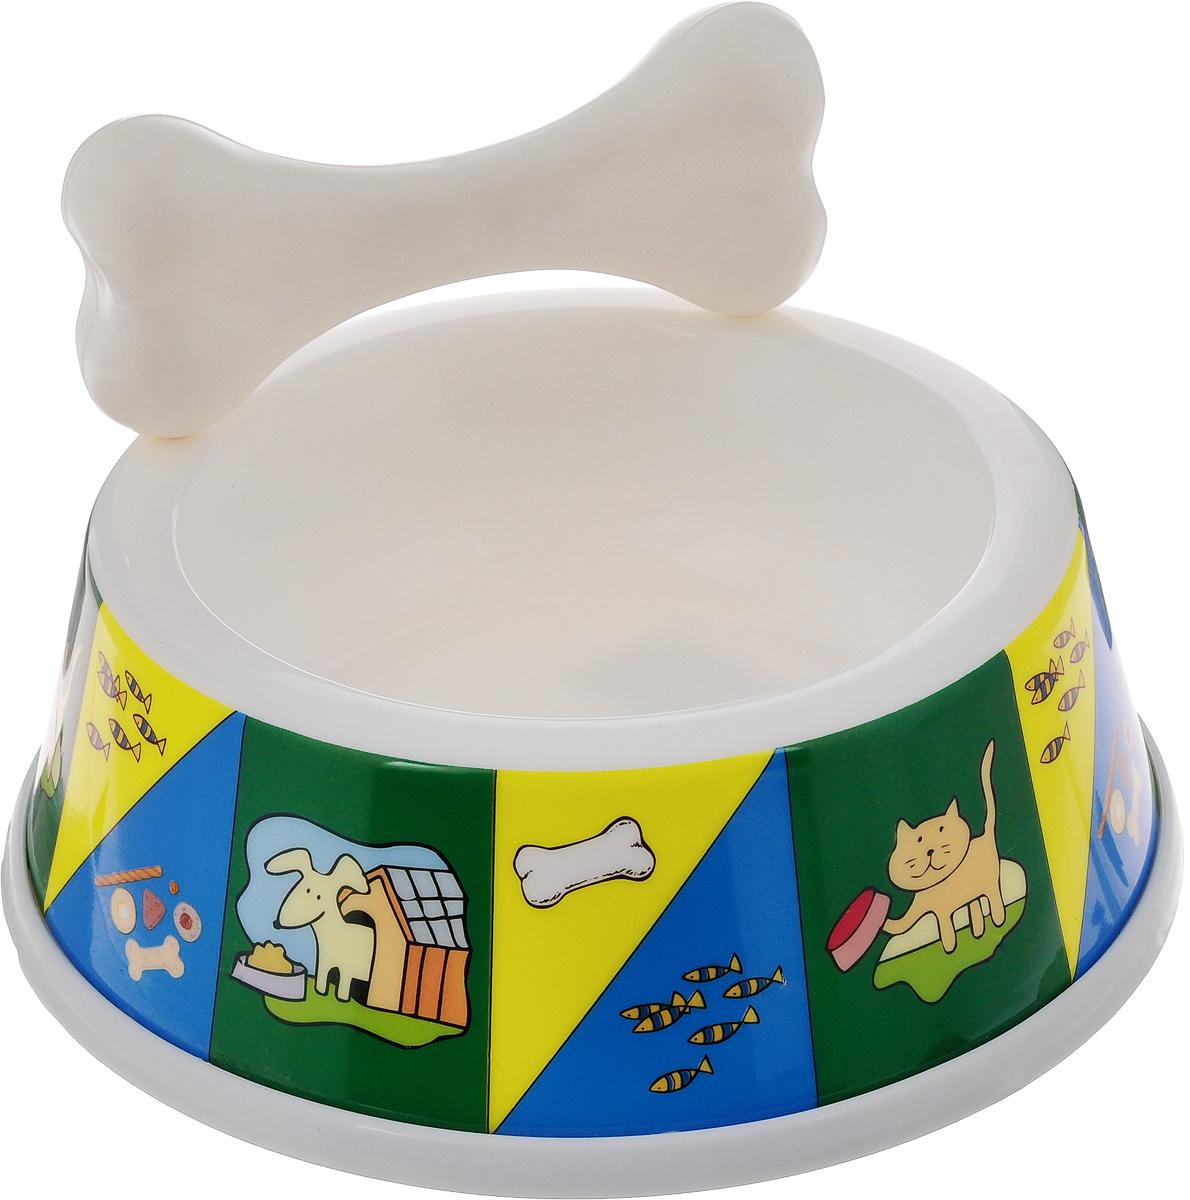 Миска для животных Каскад, с косточкой, 400 мл8301709_желтый, зеленыйМиска для животных Каскад, изготовленная из высококачественного пластика, предназначена для корма или воды. В комплект входит косточка, которая может быть как дополнительным аксессуаром для миски так и игрушкой для питомца. Такая миска порадует удобством использования как самих животных, так и их хозяев. Яркий дизайн придаст изделию индивидуальность и удовлетворит вкус самых взыскательных зоовладельцев. Основание миски снабжено противоскользящей резиновой вставкой, благодаря которой она устойчива на любой поверхности. Объем: 400 мл. Диаметр миски (по верхнему краю): 13 см. Диаметр основания: 17 см. Высота миски: 6,5 см. Размер косточки: 13 х 6 х 3 см.